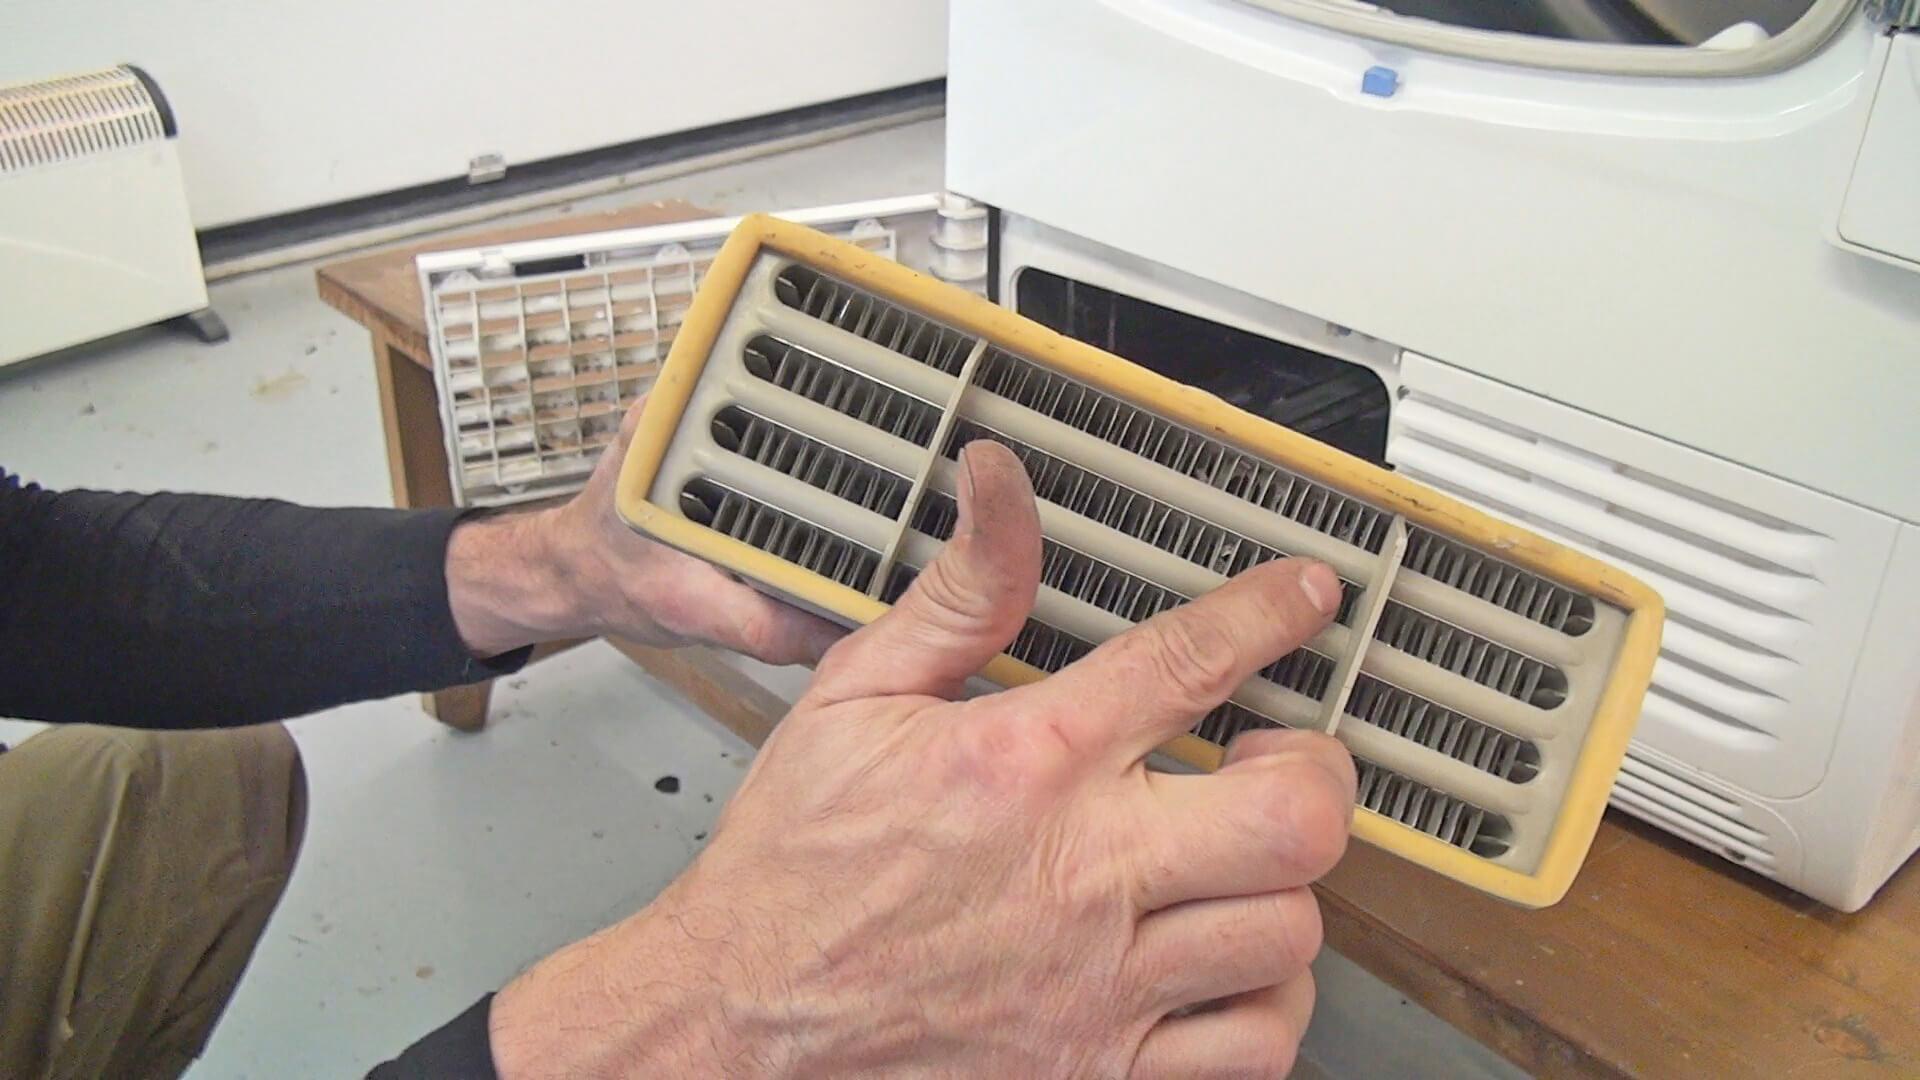 Extrem Fehlersuche: Whirlpool Trockner trocknet nicht mehr richtig SA44